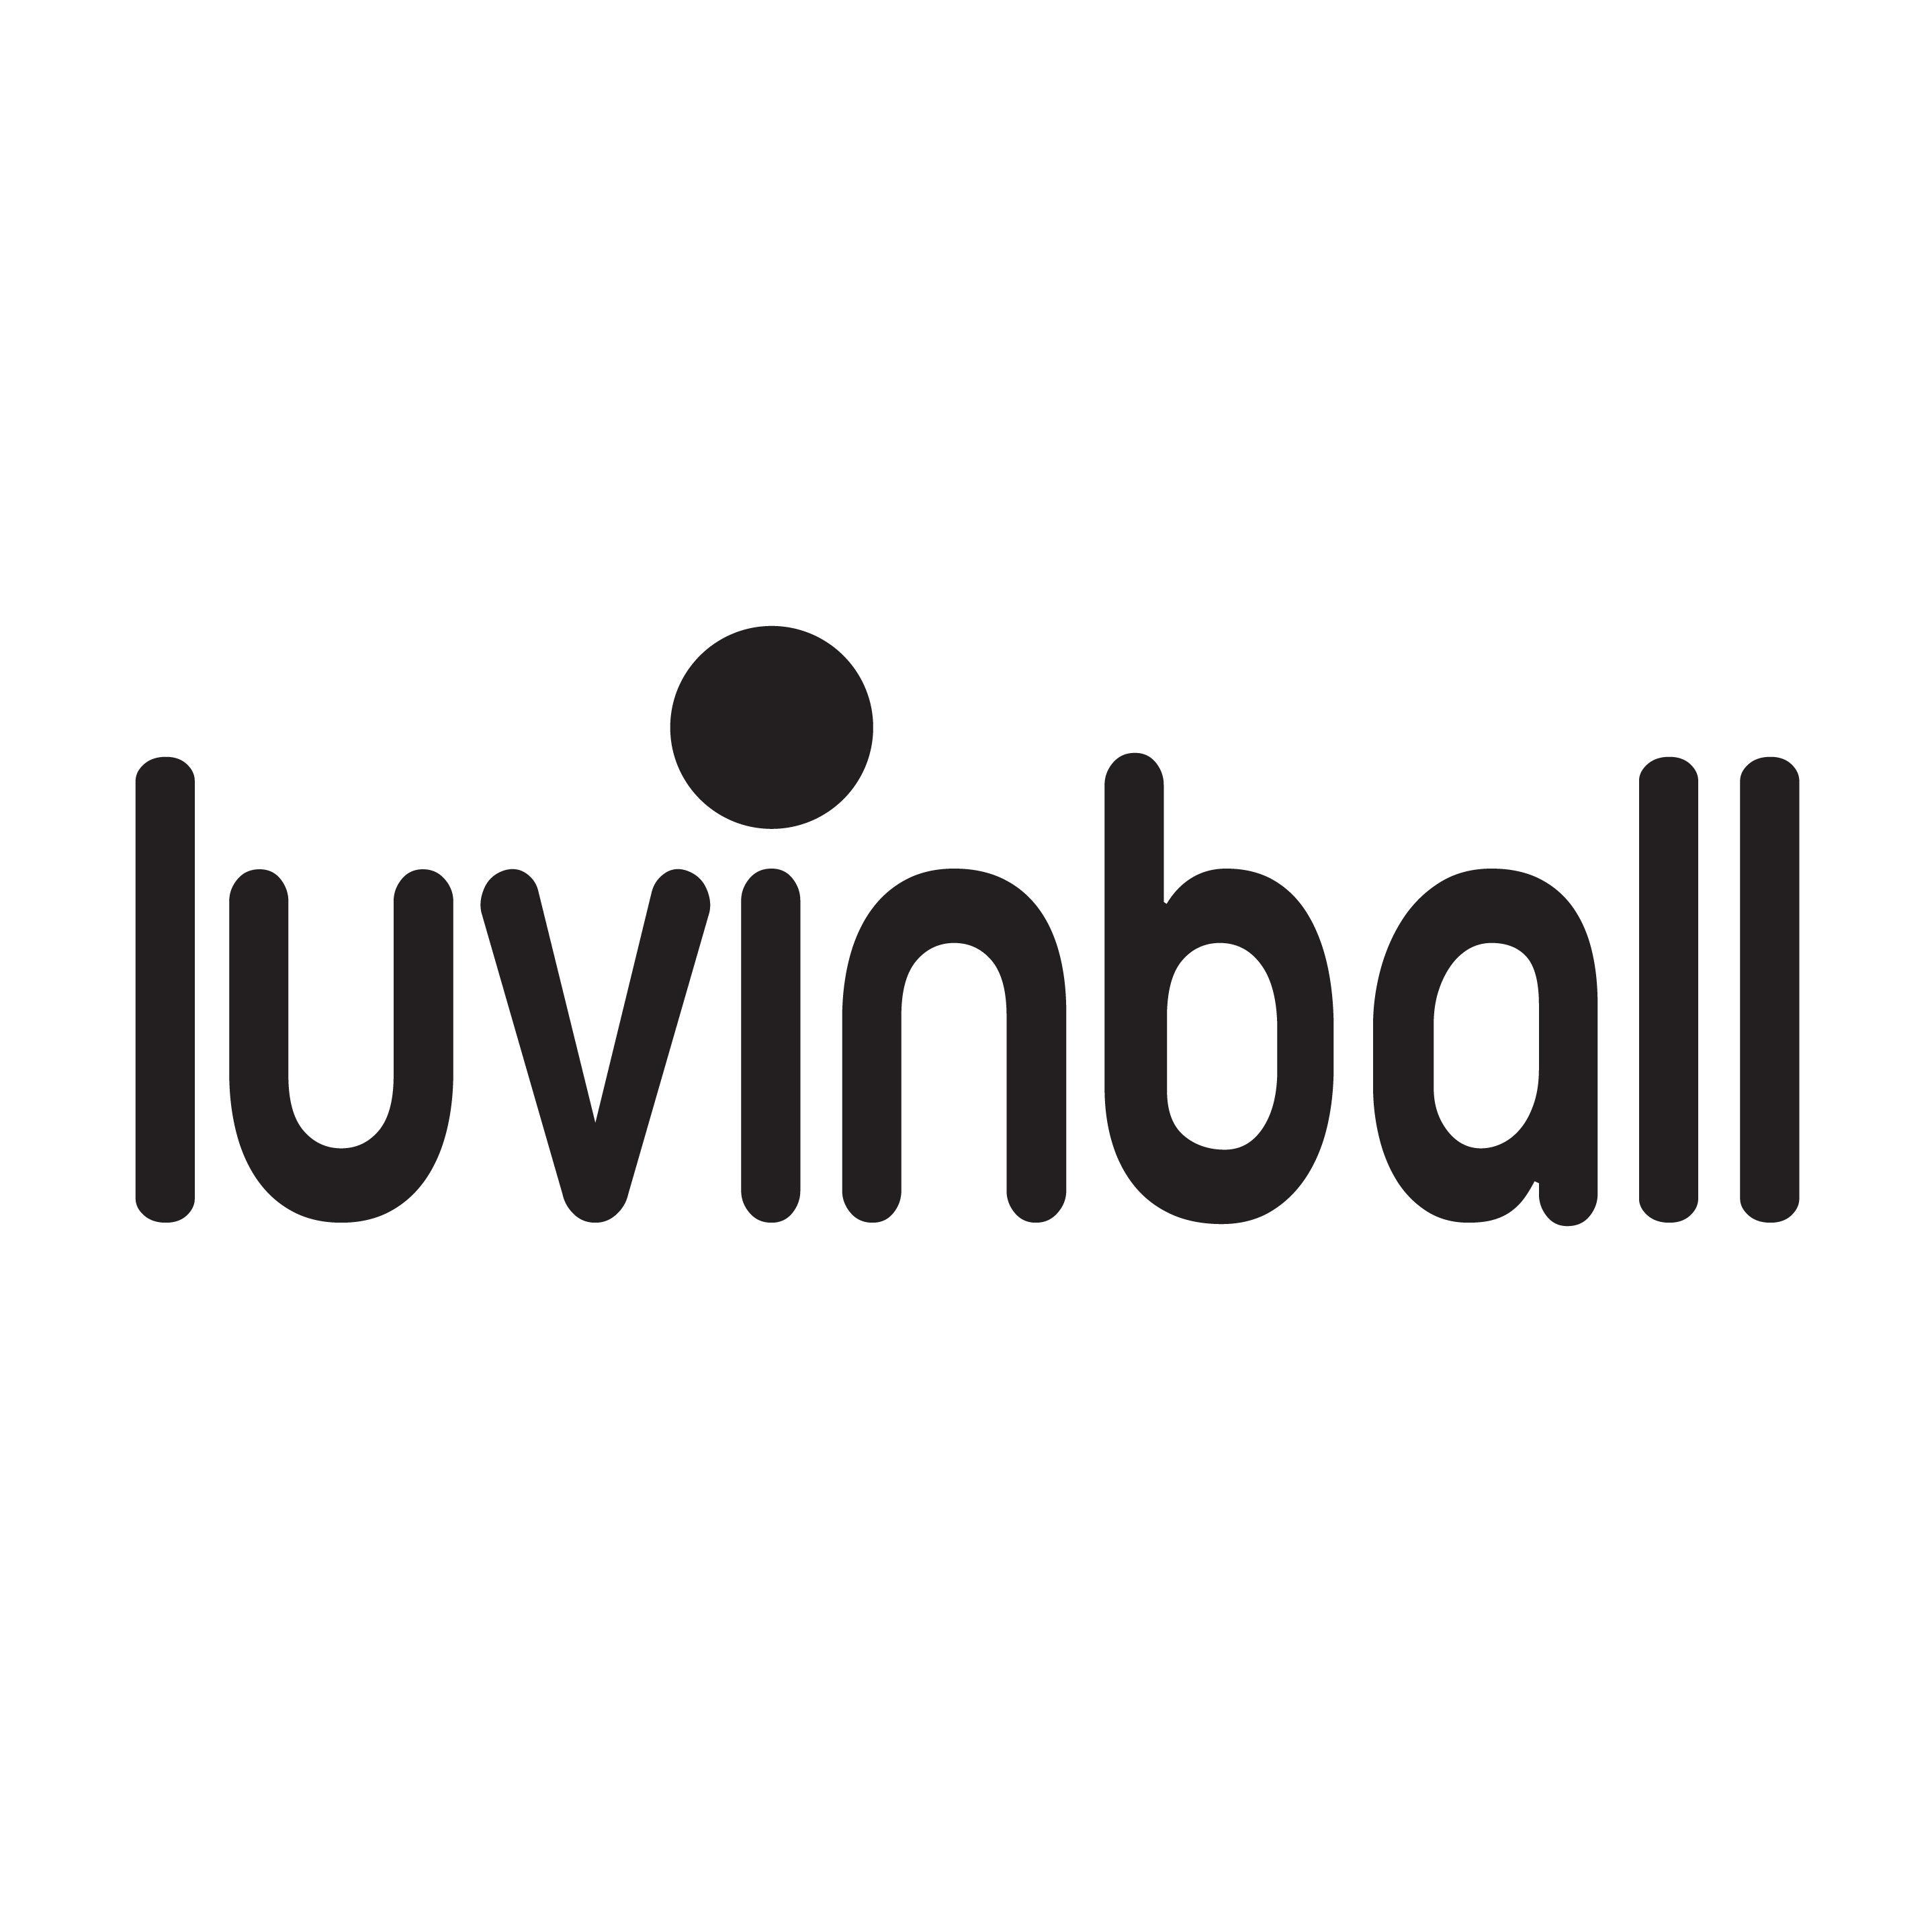 luvinball